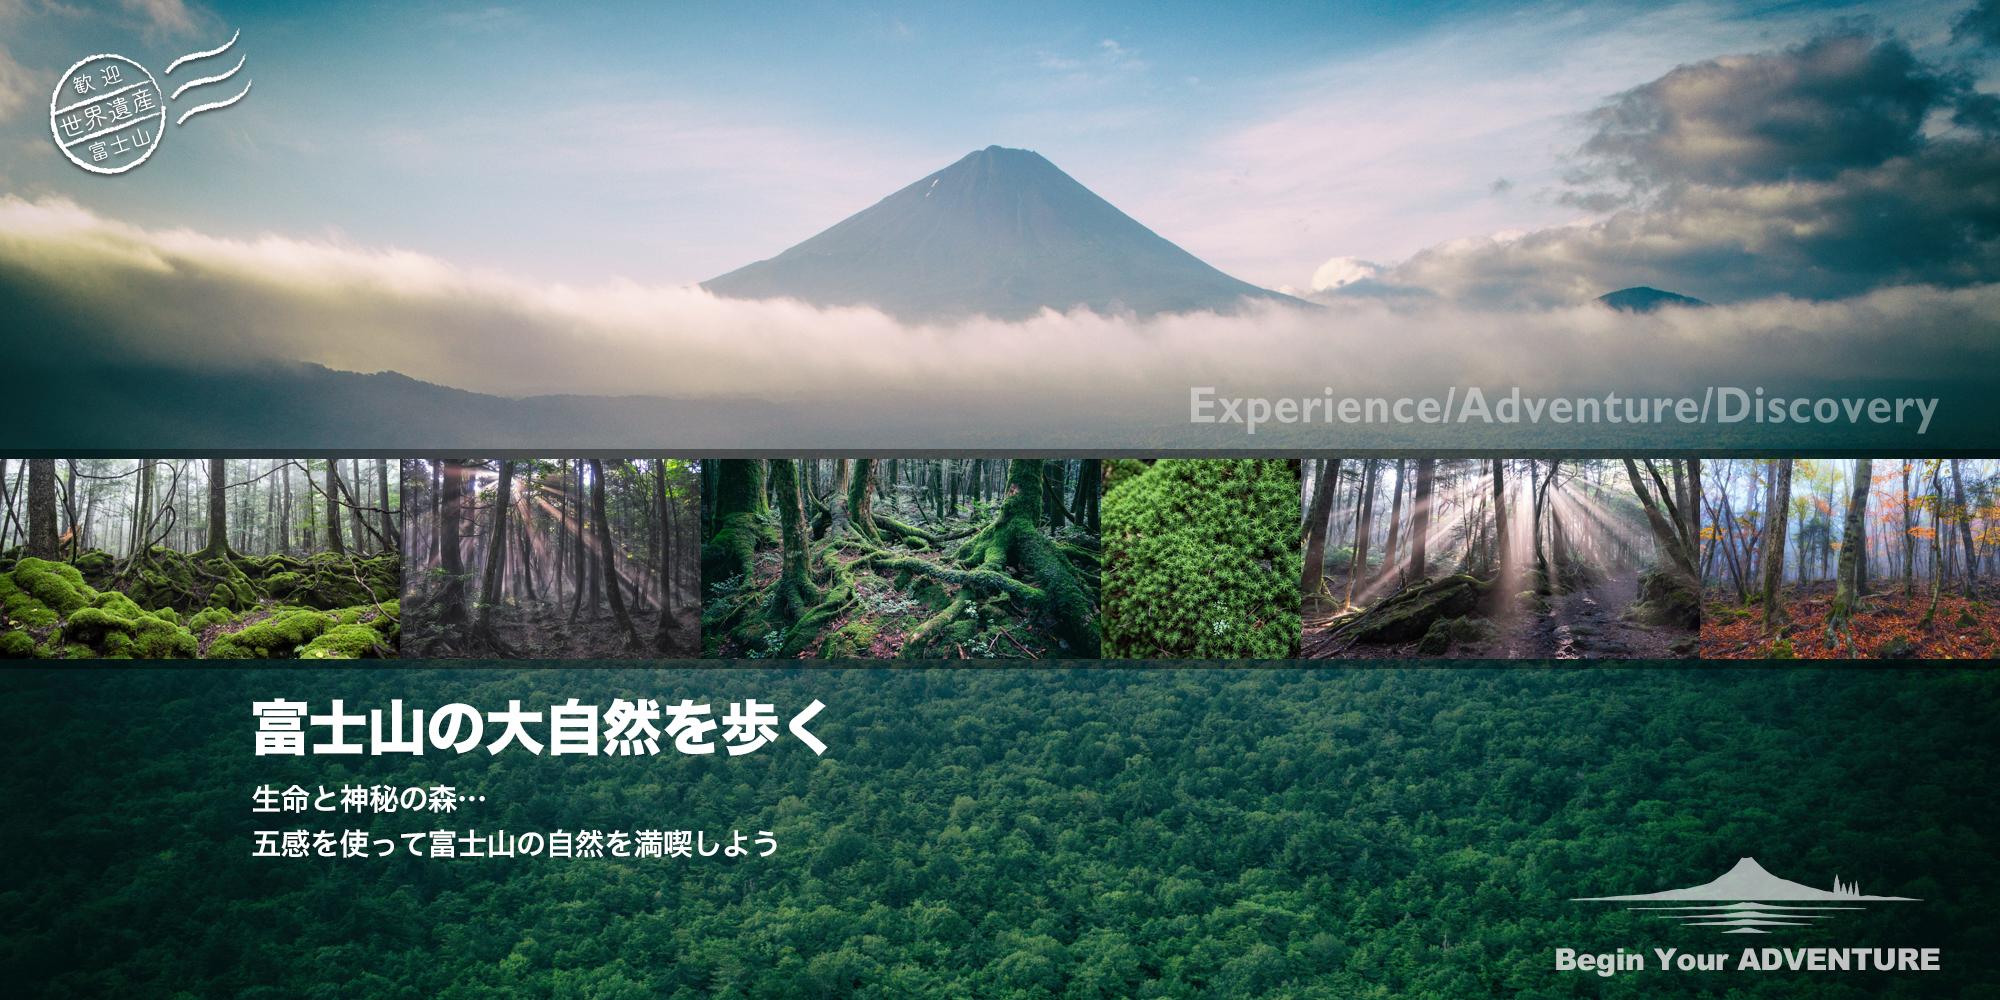 富士山の大自然を歩く